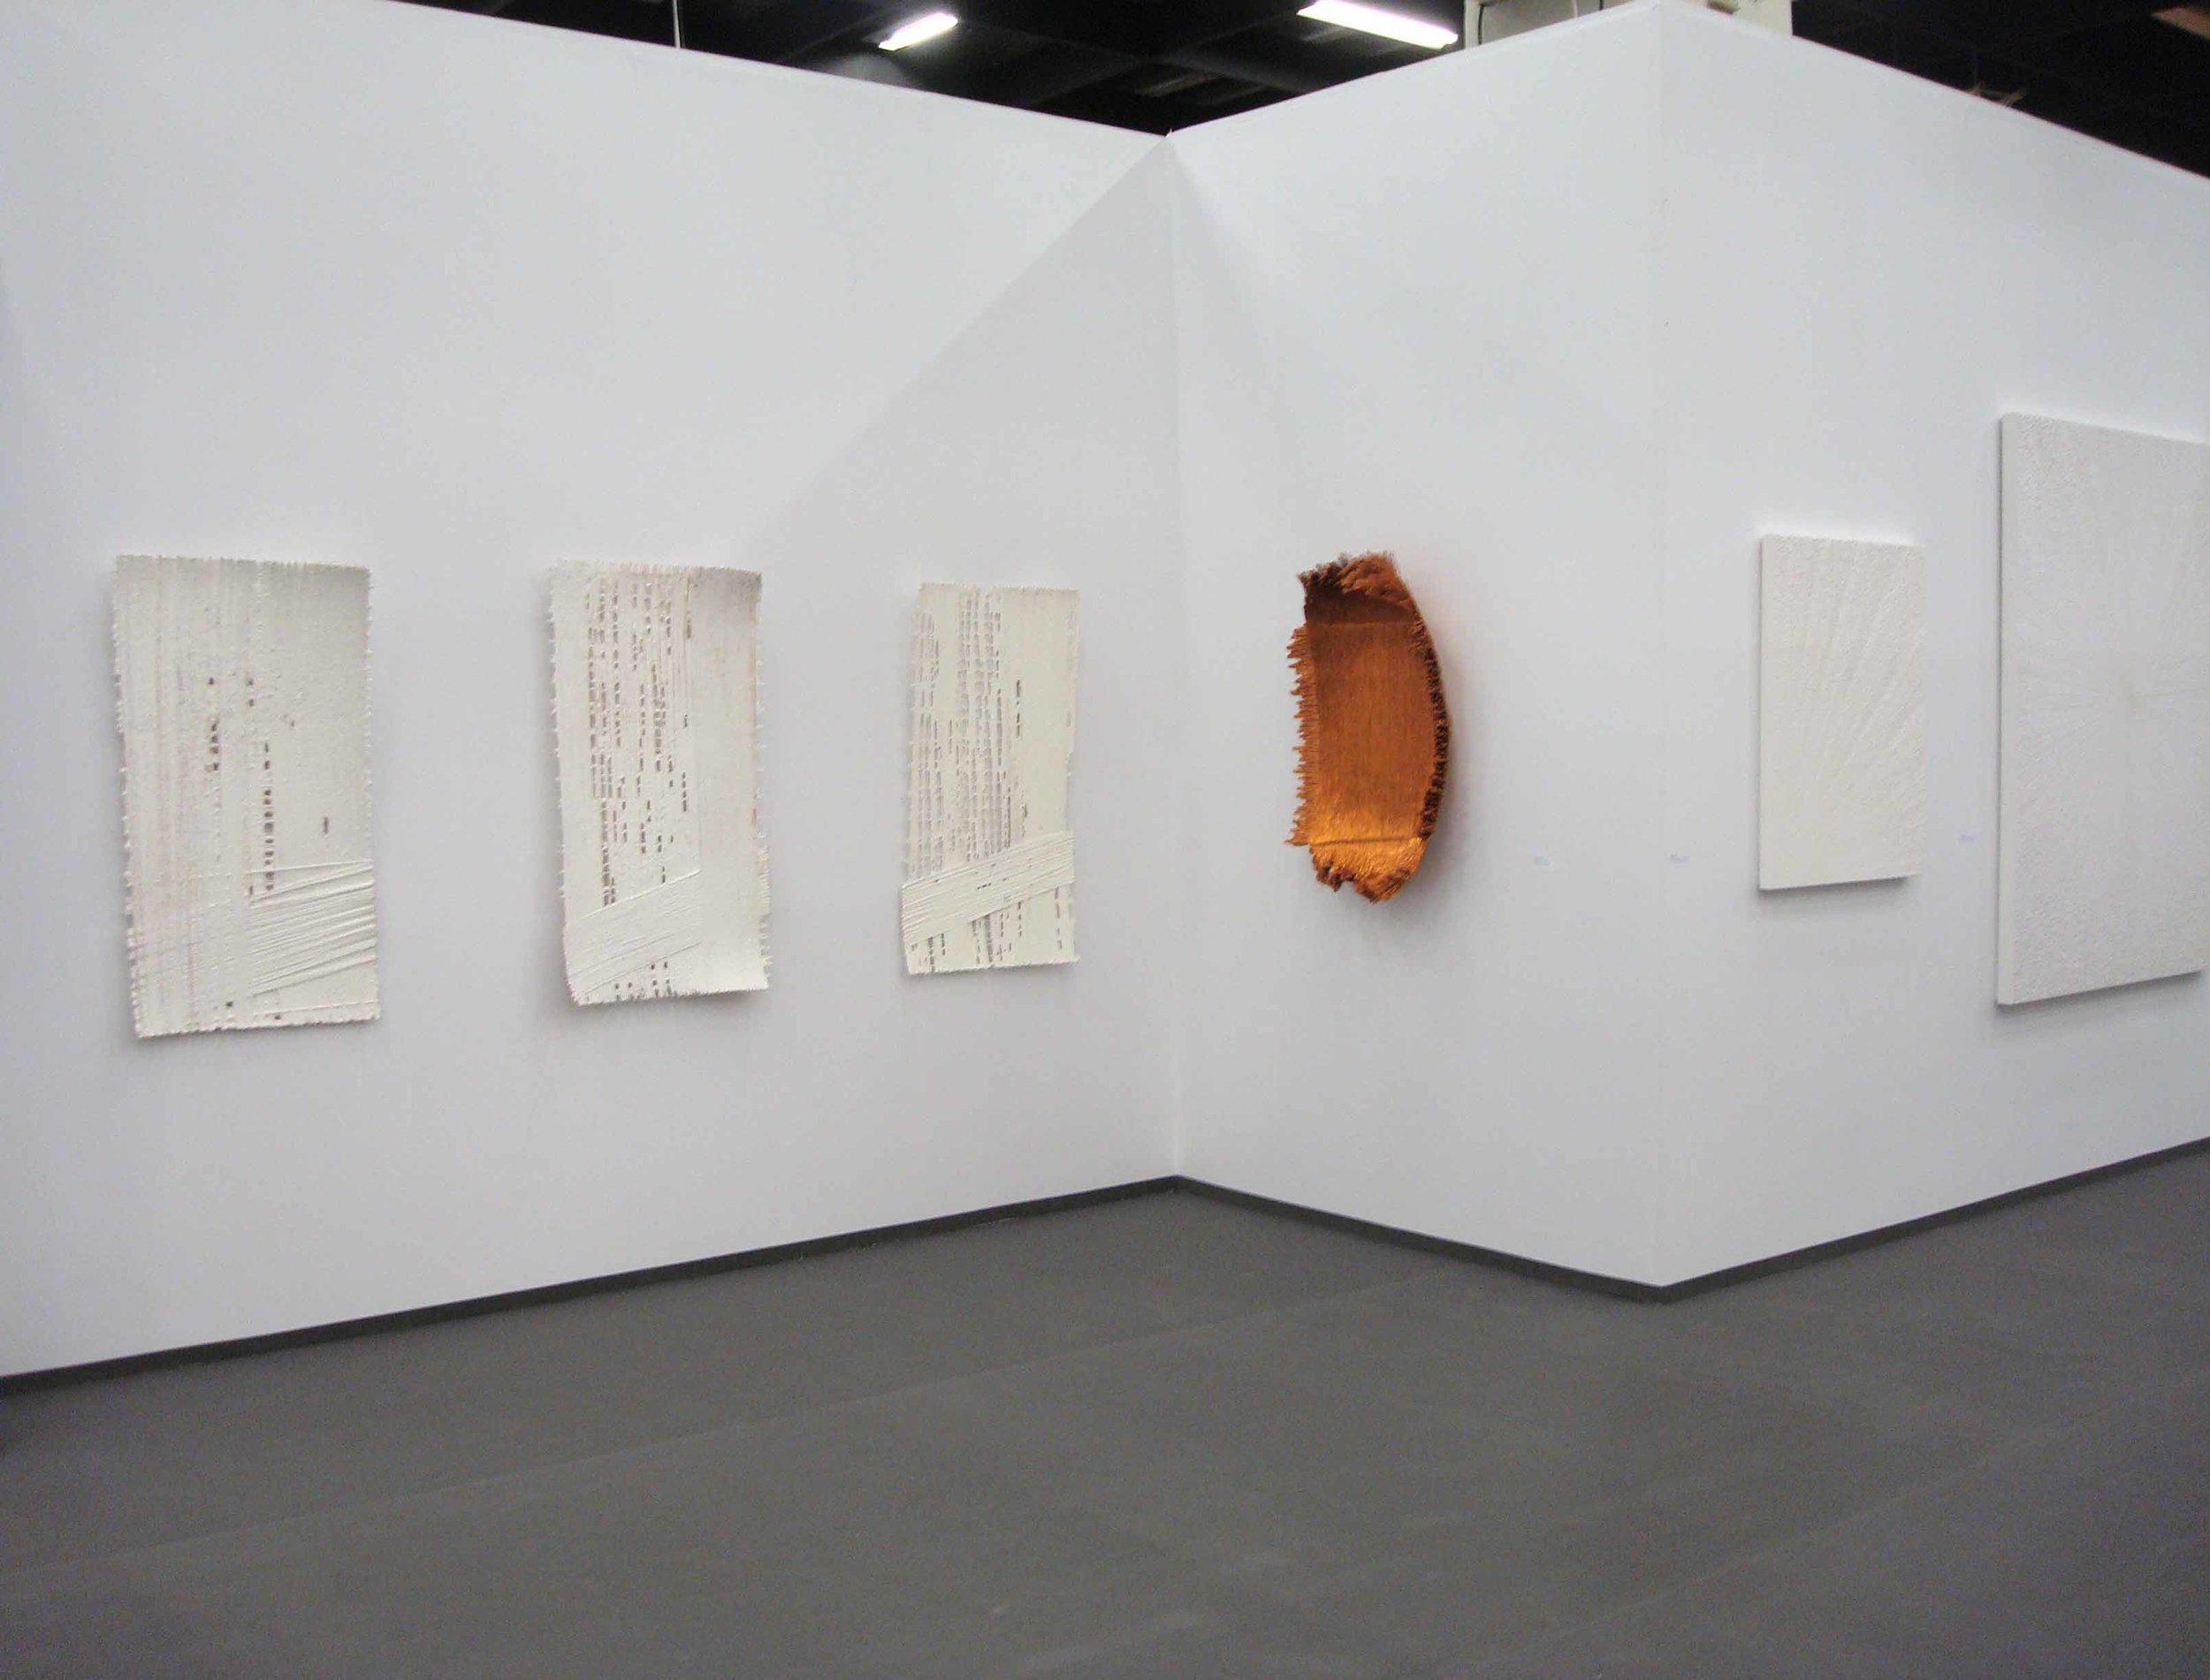 Stand White meditation room di Galleria Grossetti ad Art Cologne 2011_Antonella Zazzera.jpg